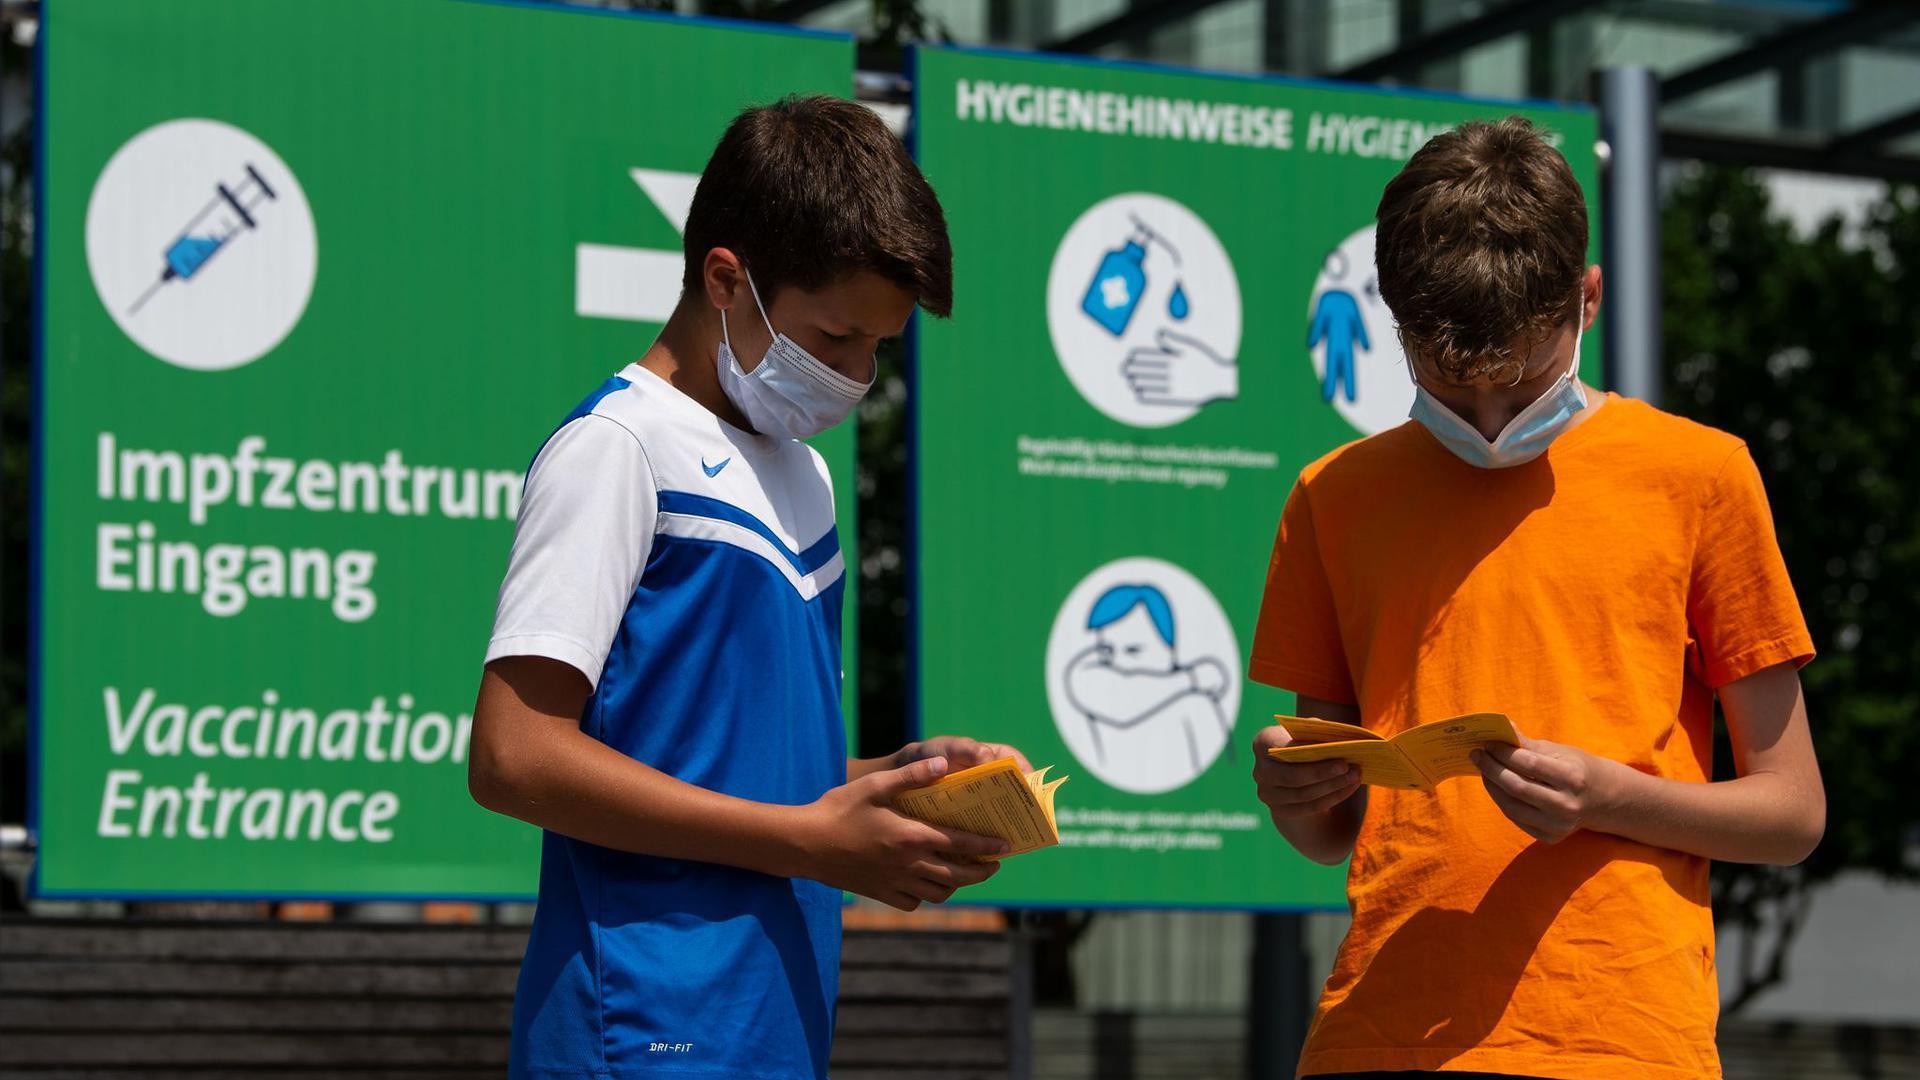 Die Geschwister-Impflinge Hugo (12 Jahre) und Urs (13 Jahre) blättern vor ihrer Impfung in ihren Impfbüchern.